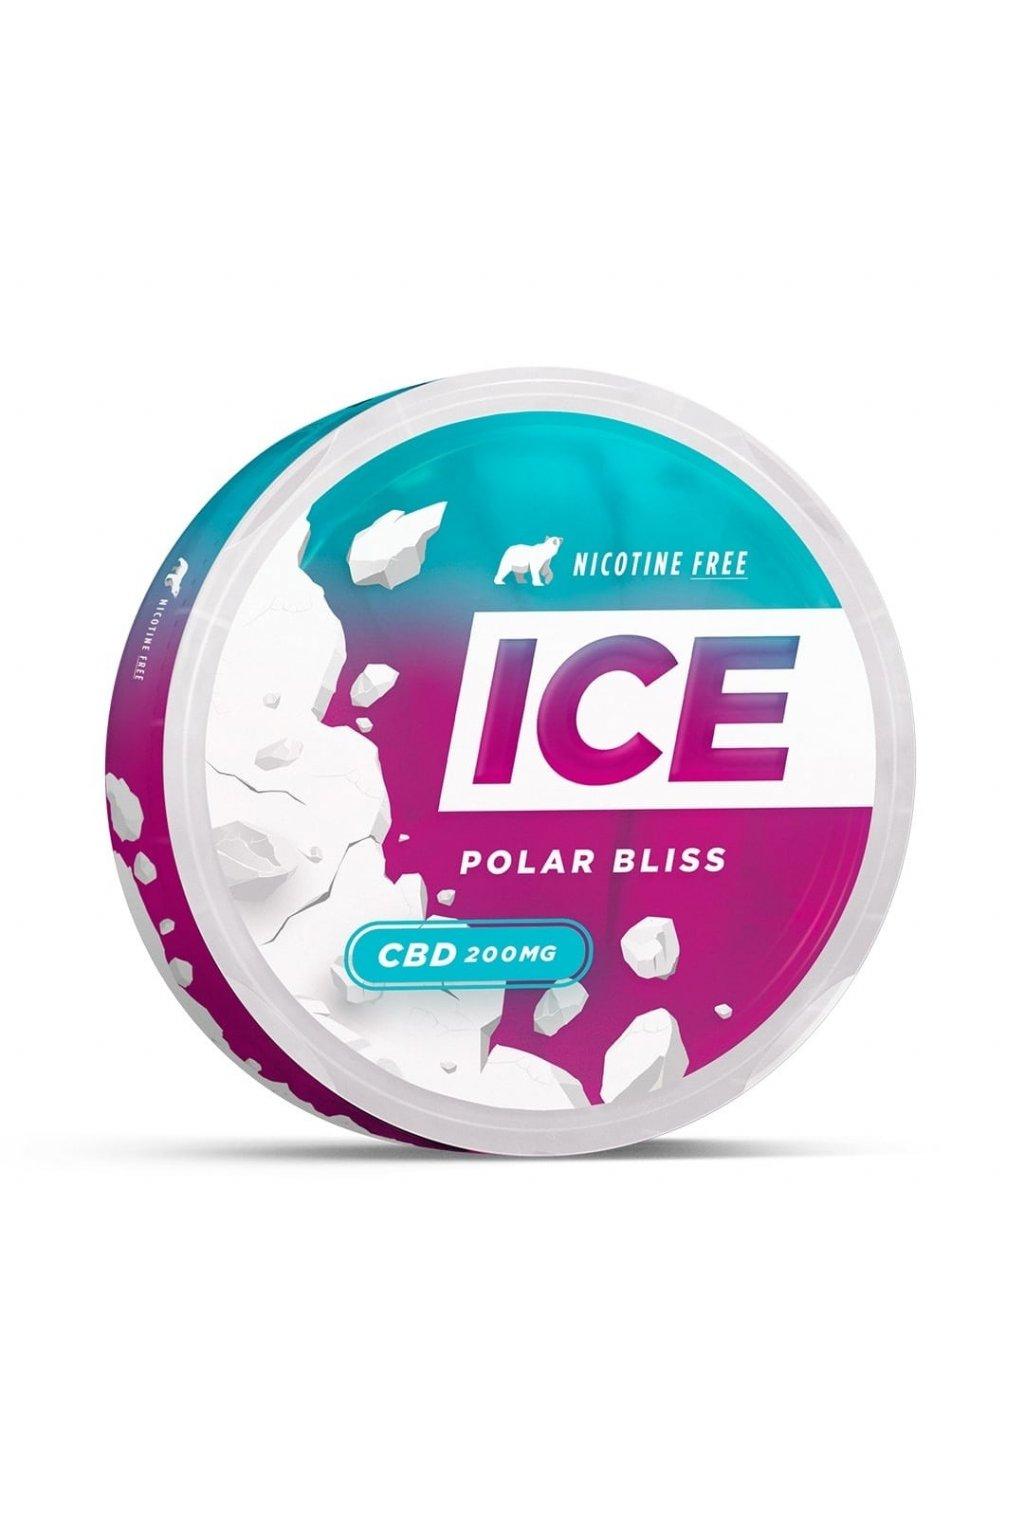 cbd sacky ICE polar bliss